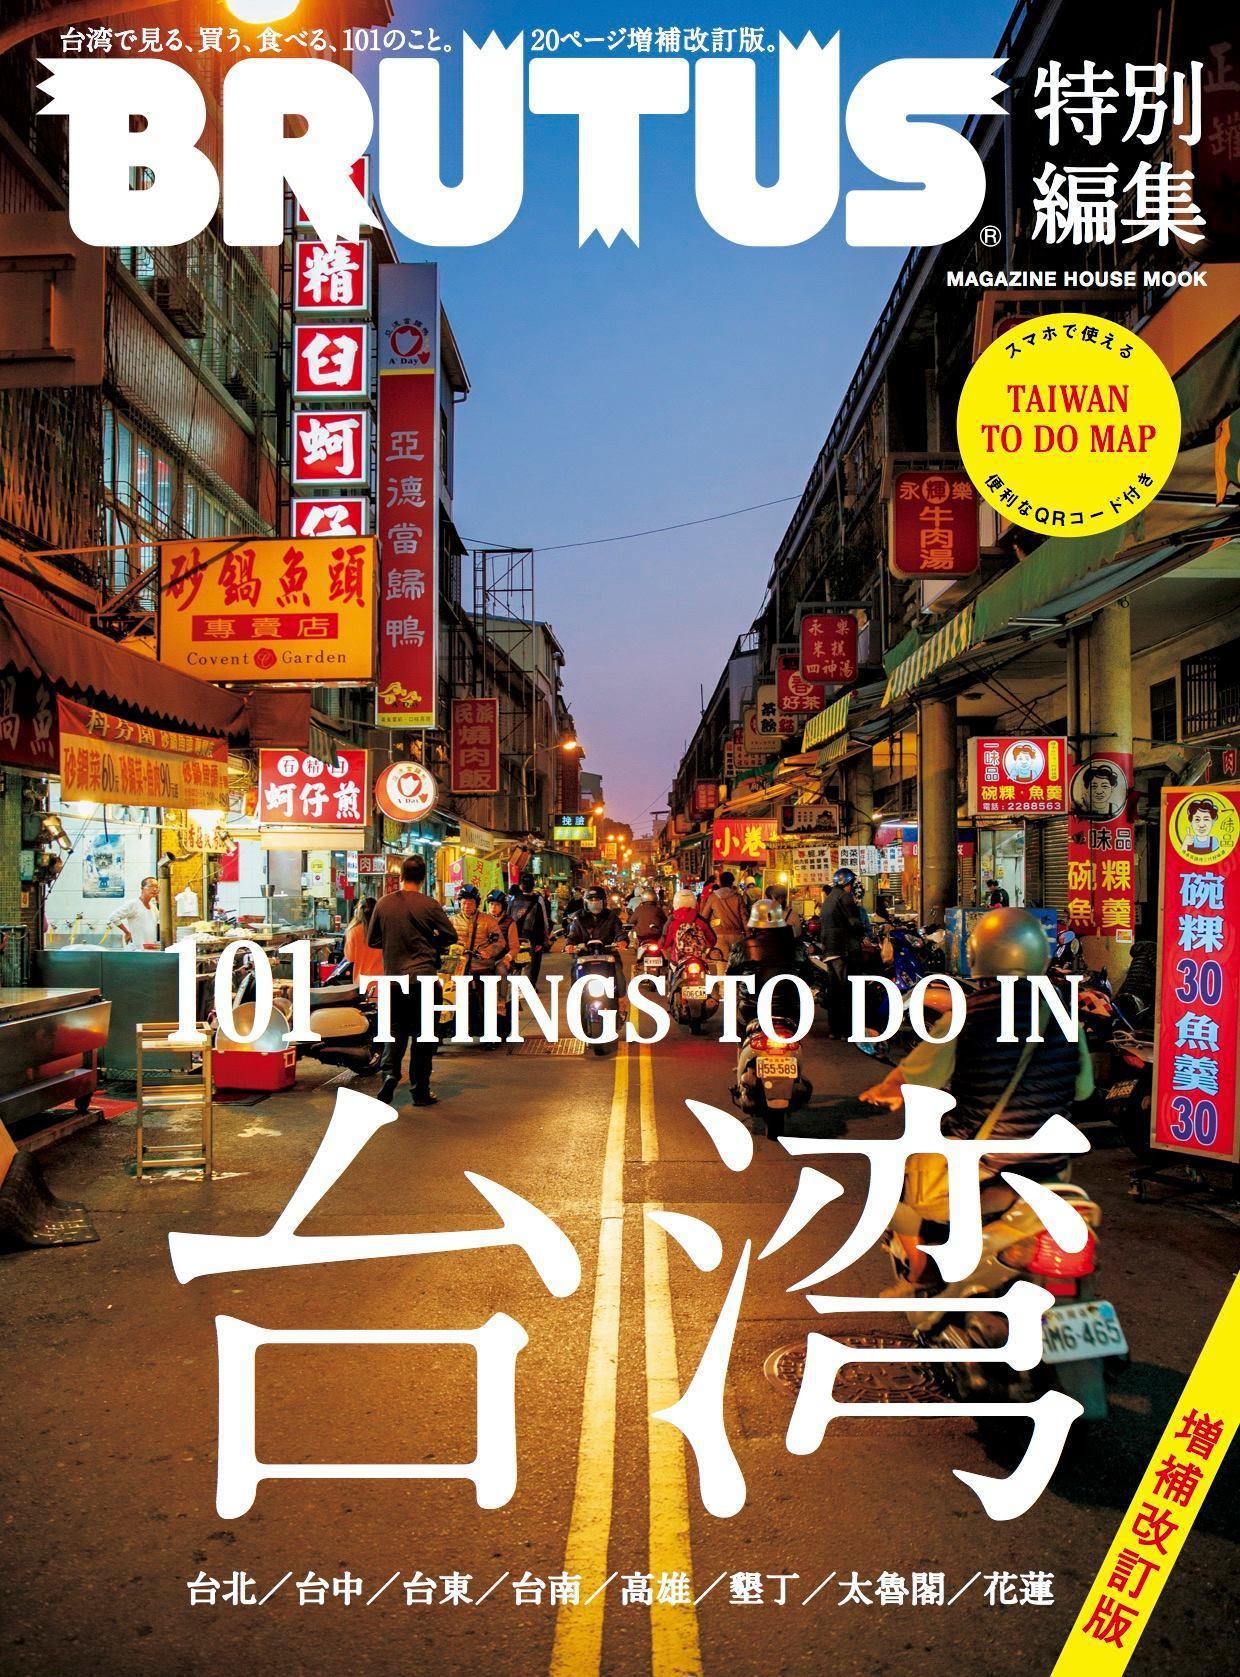 日本生活風格指標雜誌《BRUTUS》去年發行台灣旅遊特集,日前再推出增補修訂版。...